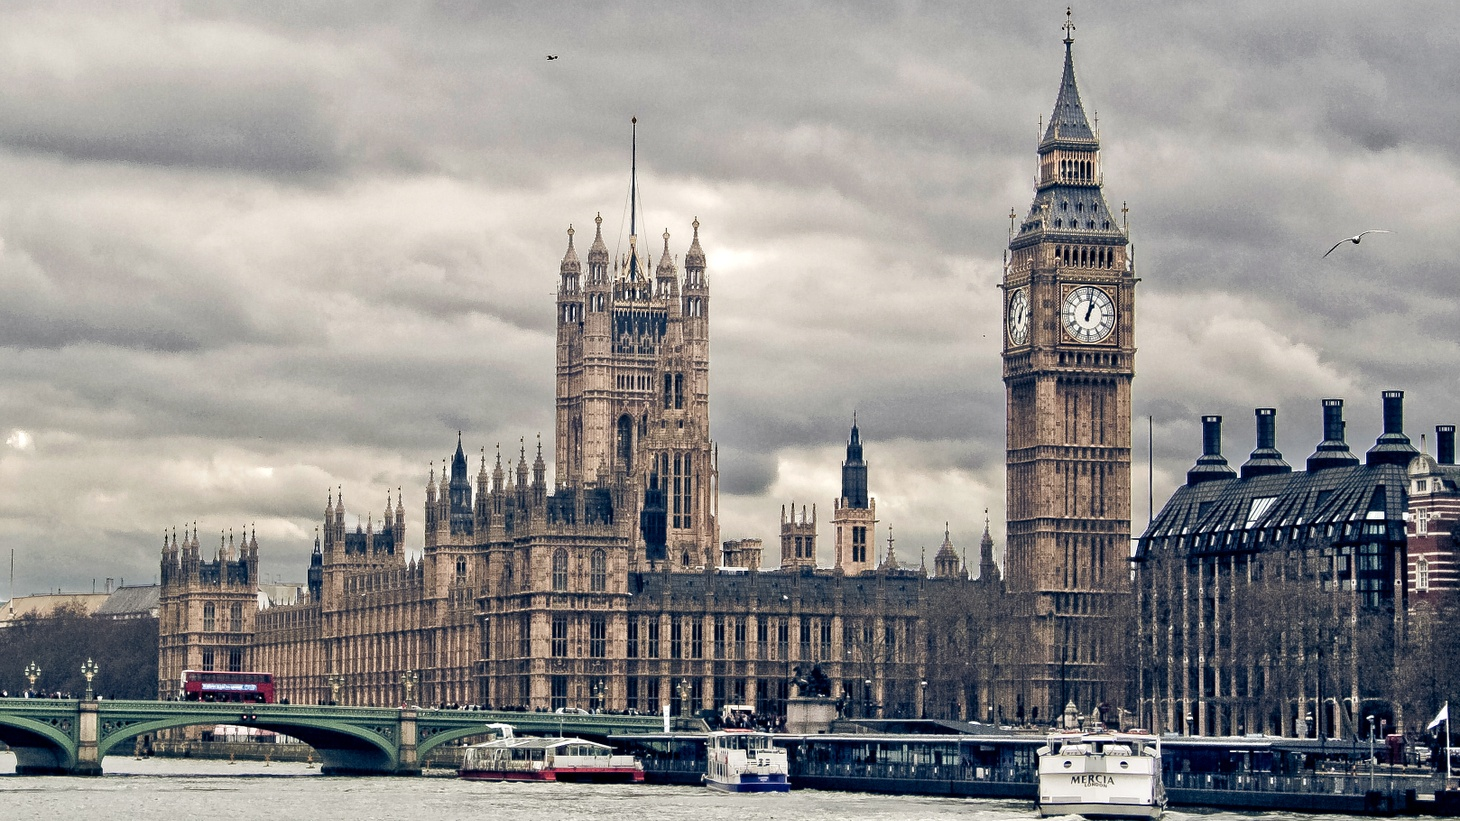 British Parliament.